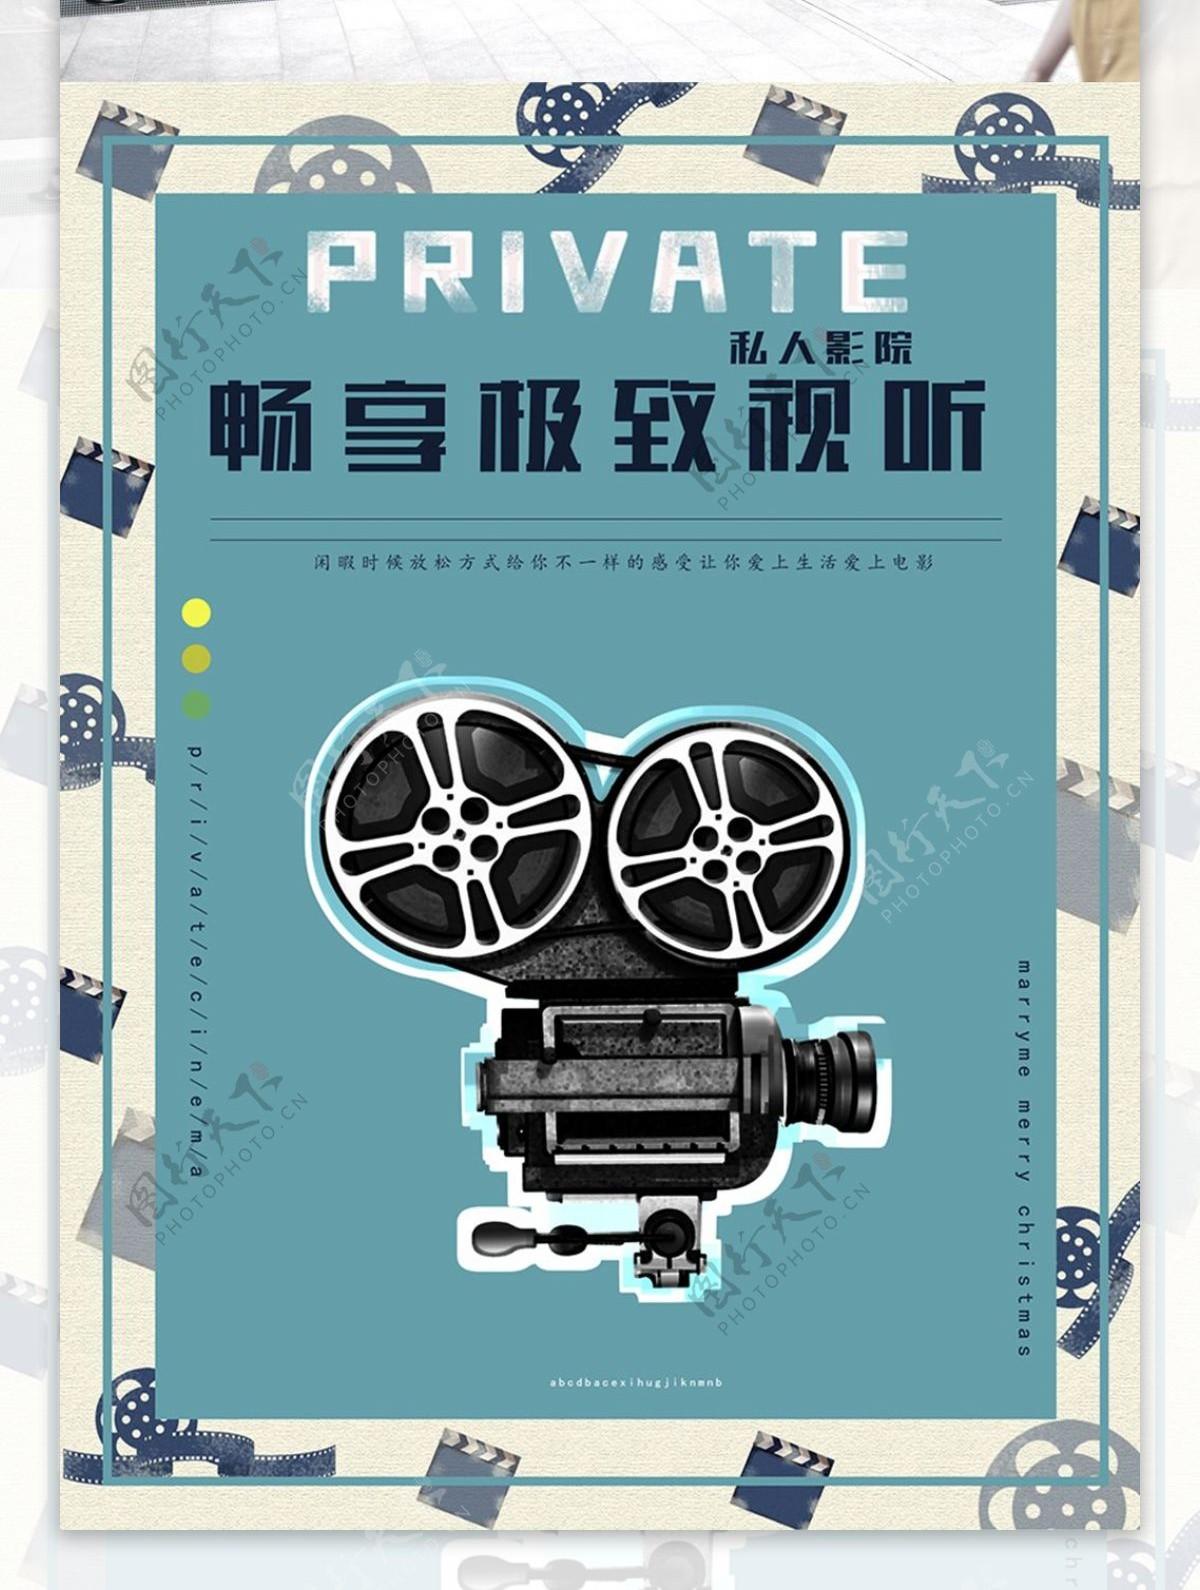 简约清新私人影院宣传海报